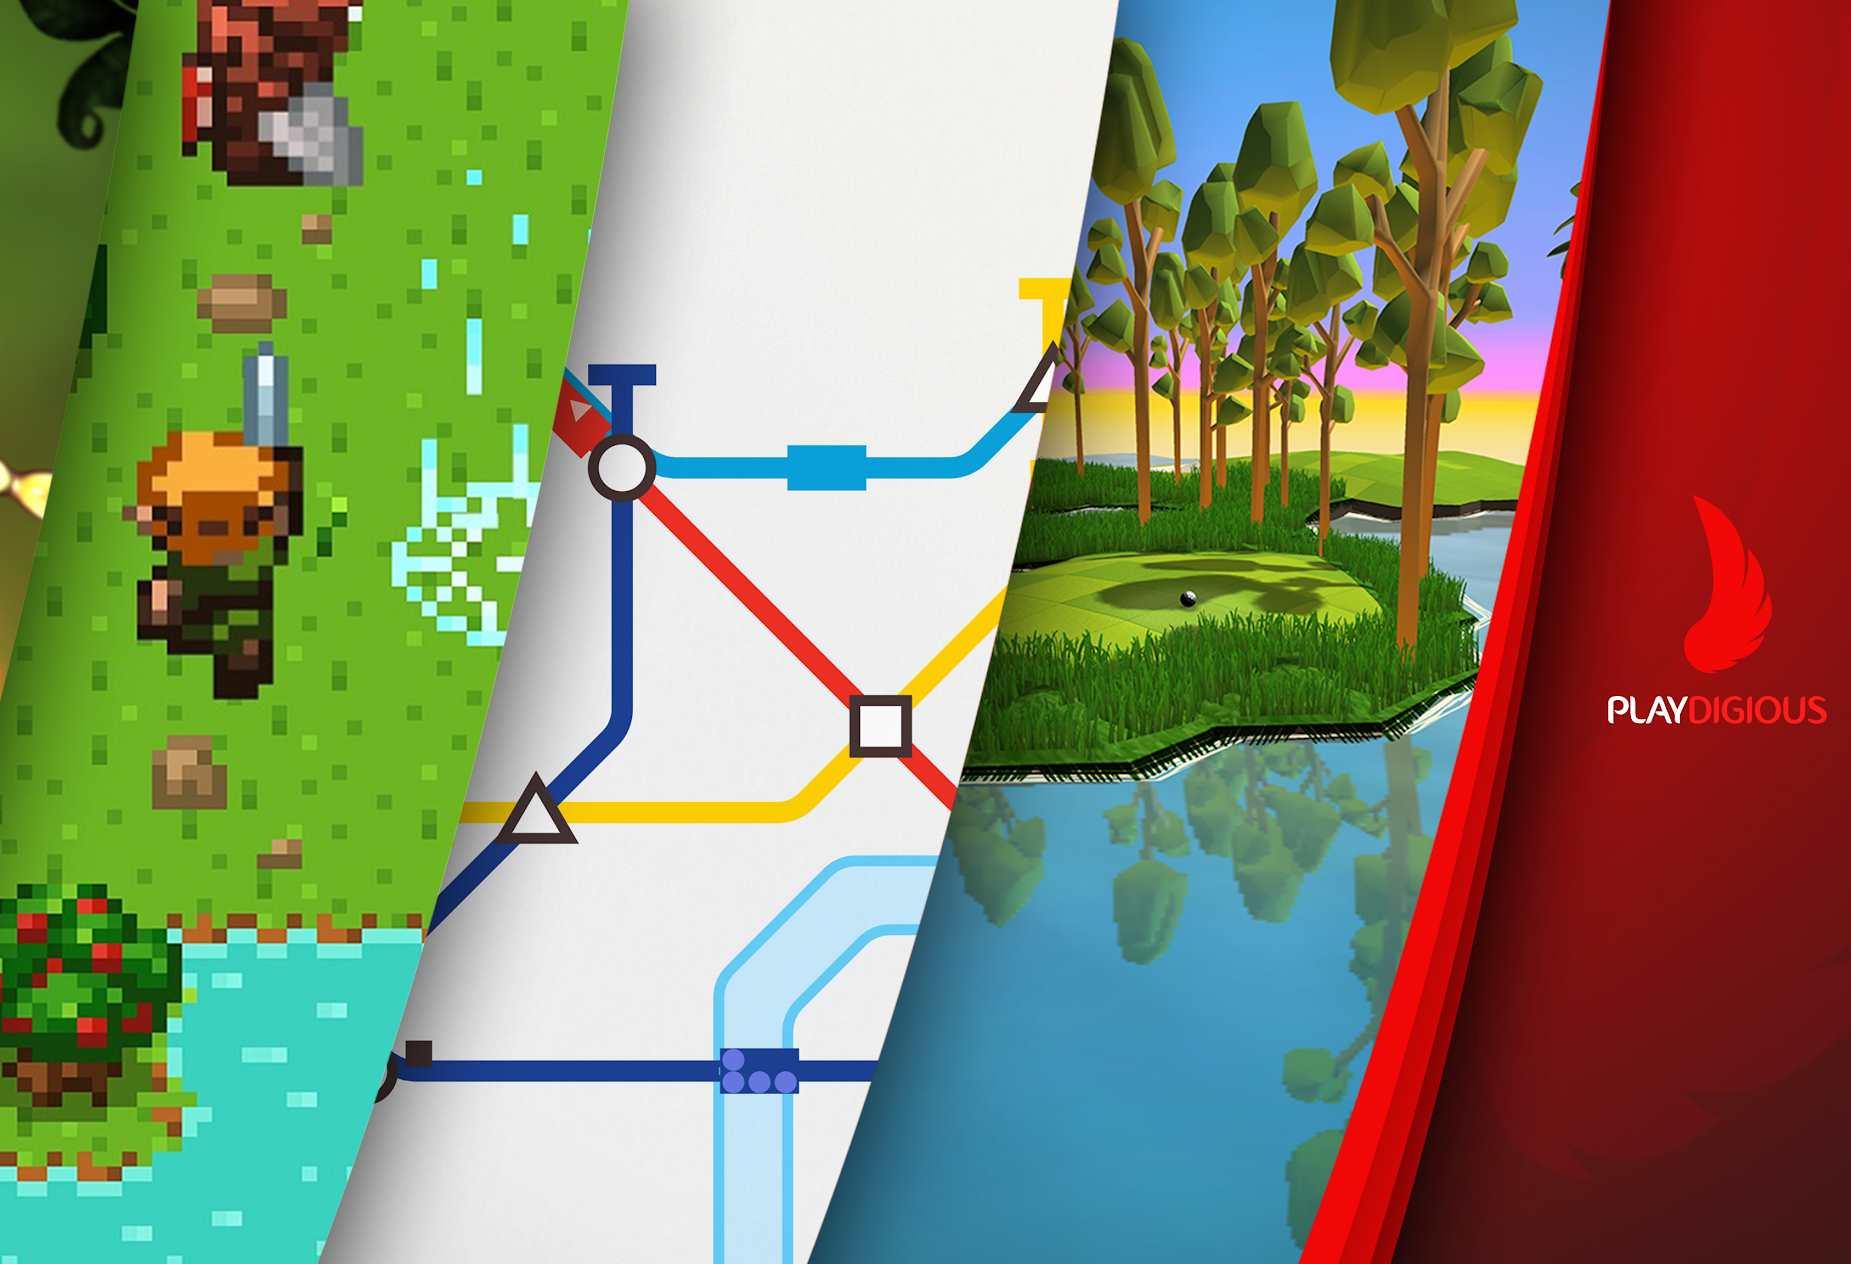 [Google Play] Mini Metro für 2,09€, Evoland für 0,59€, OK Golf für 0,59€ - Playdigious-Angebote Android